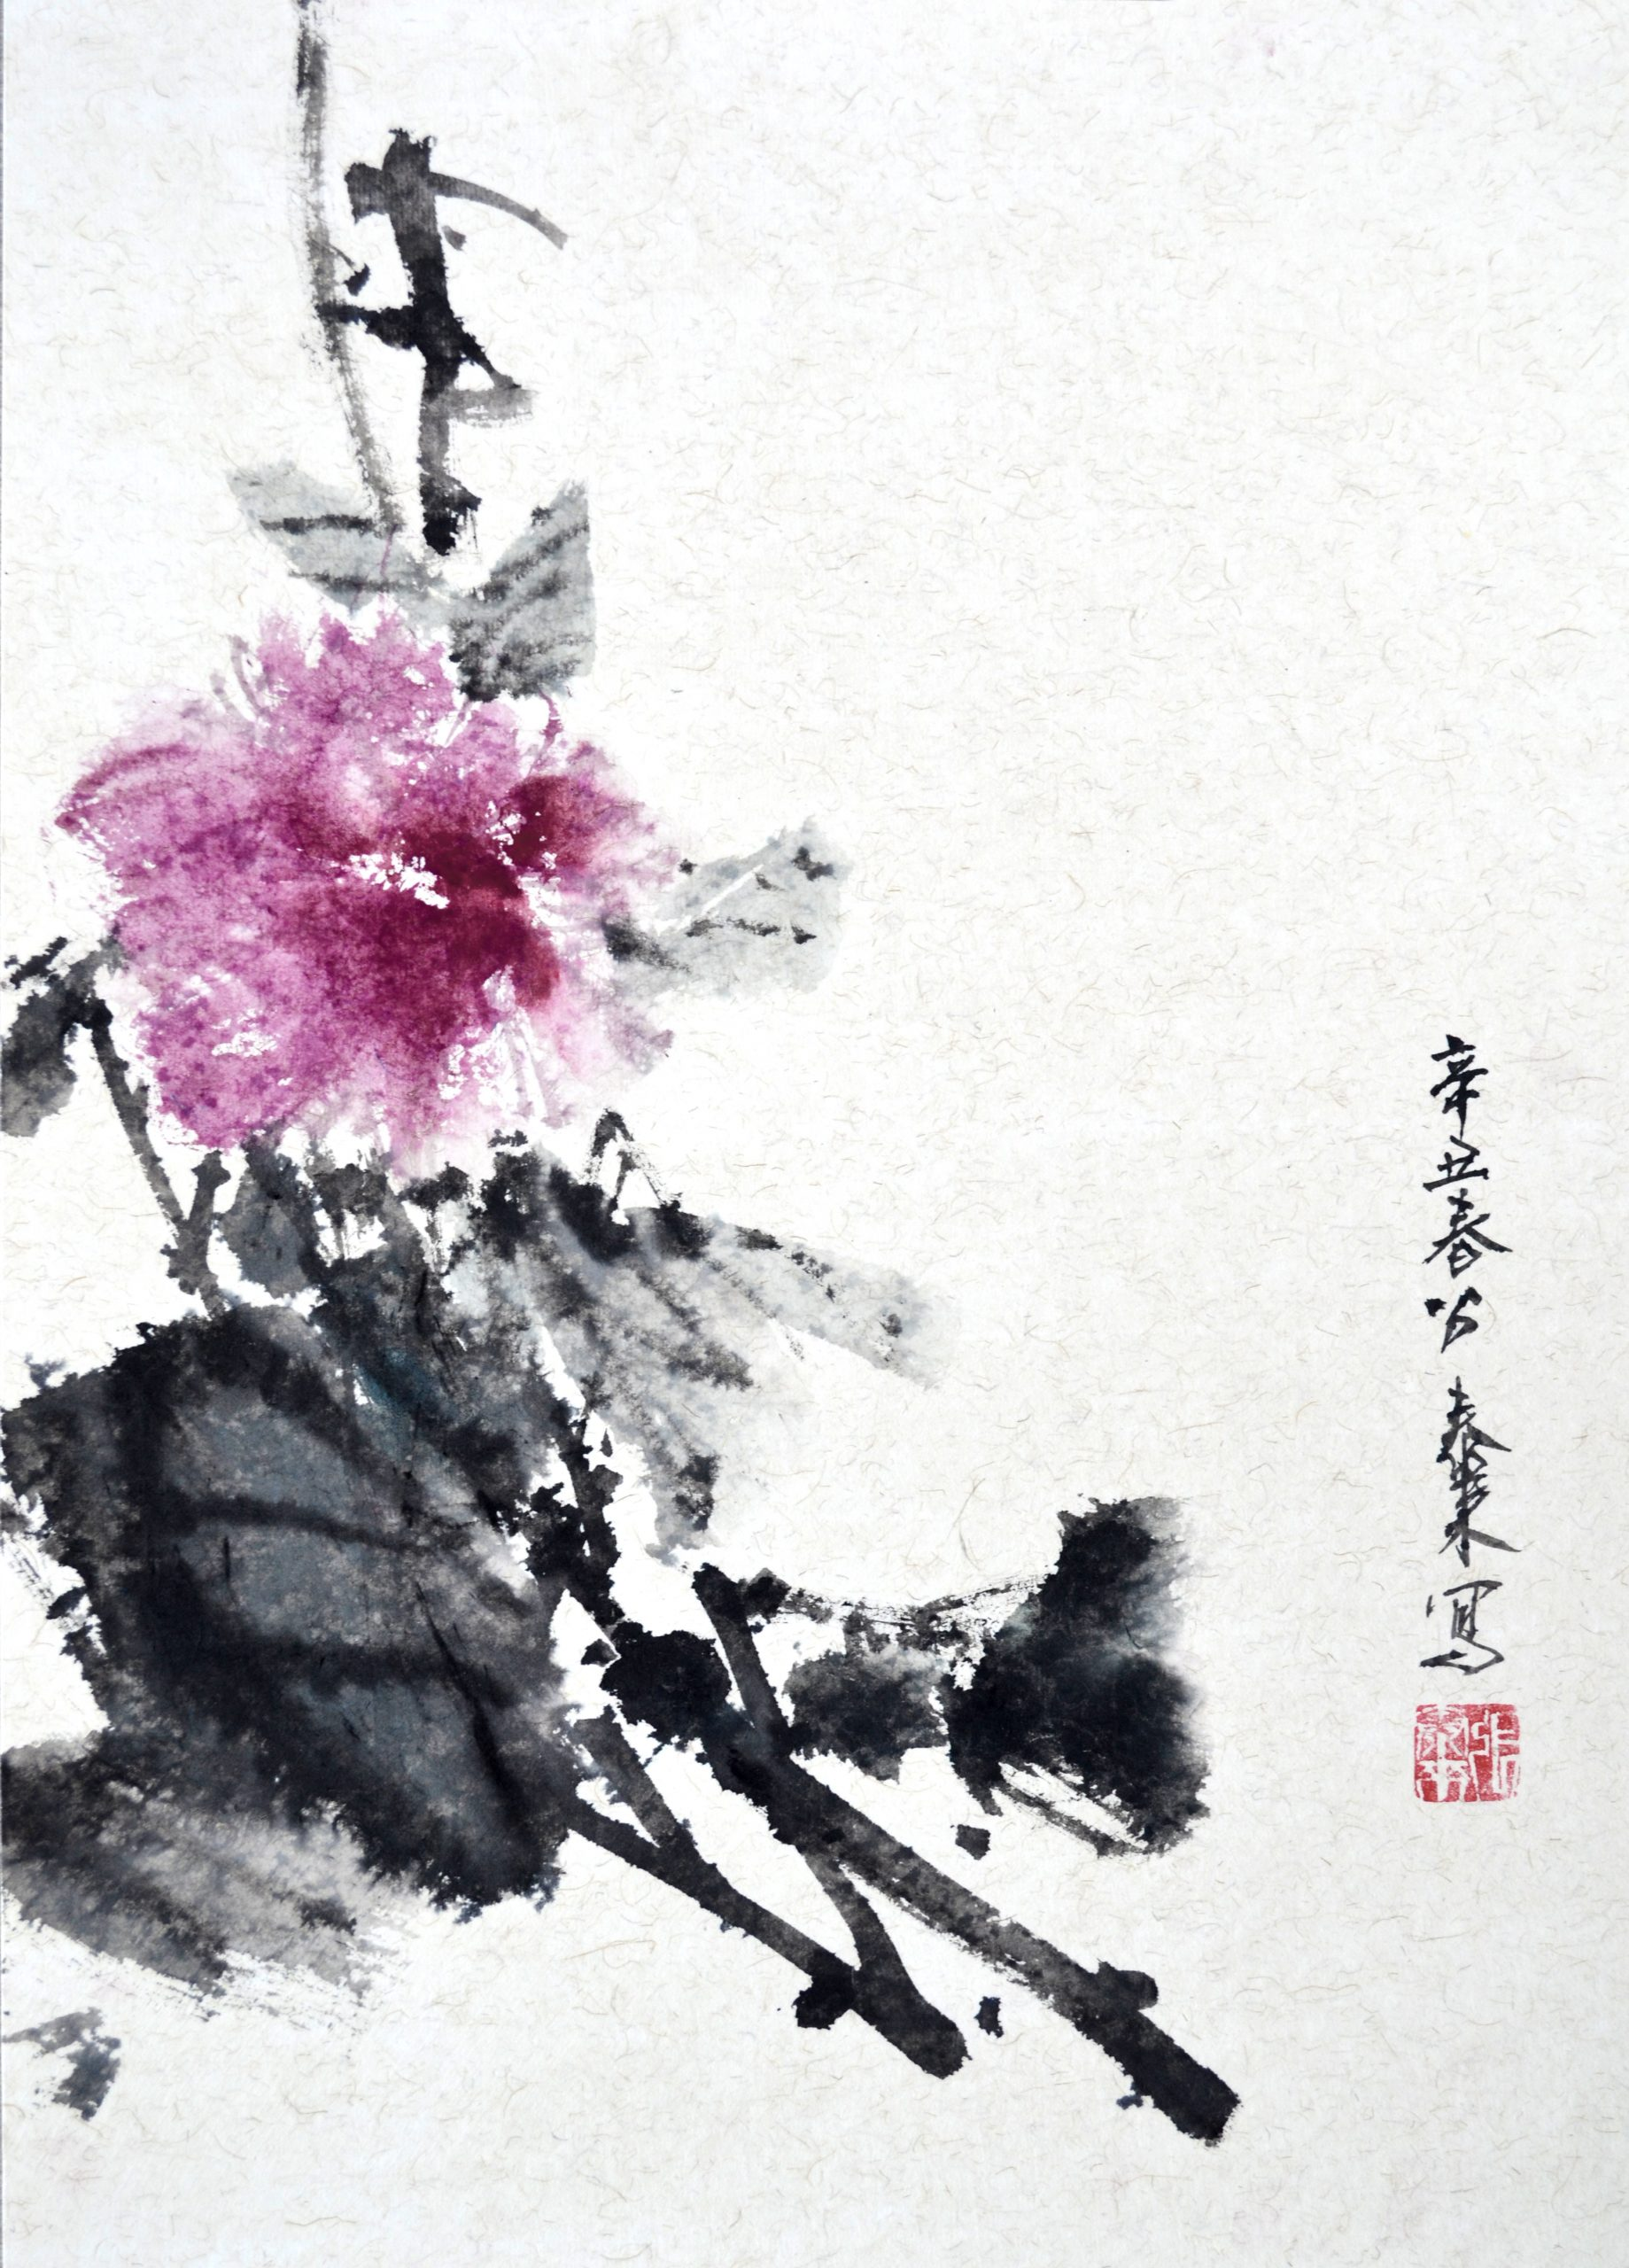 camellia kamelie chinese japanese ink sumie painting chinesische Kunst japanische Tusche Zeichnung Malerei